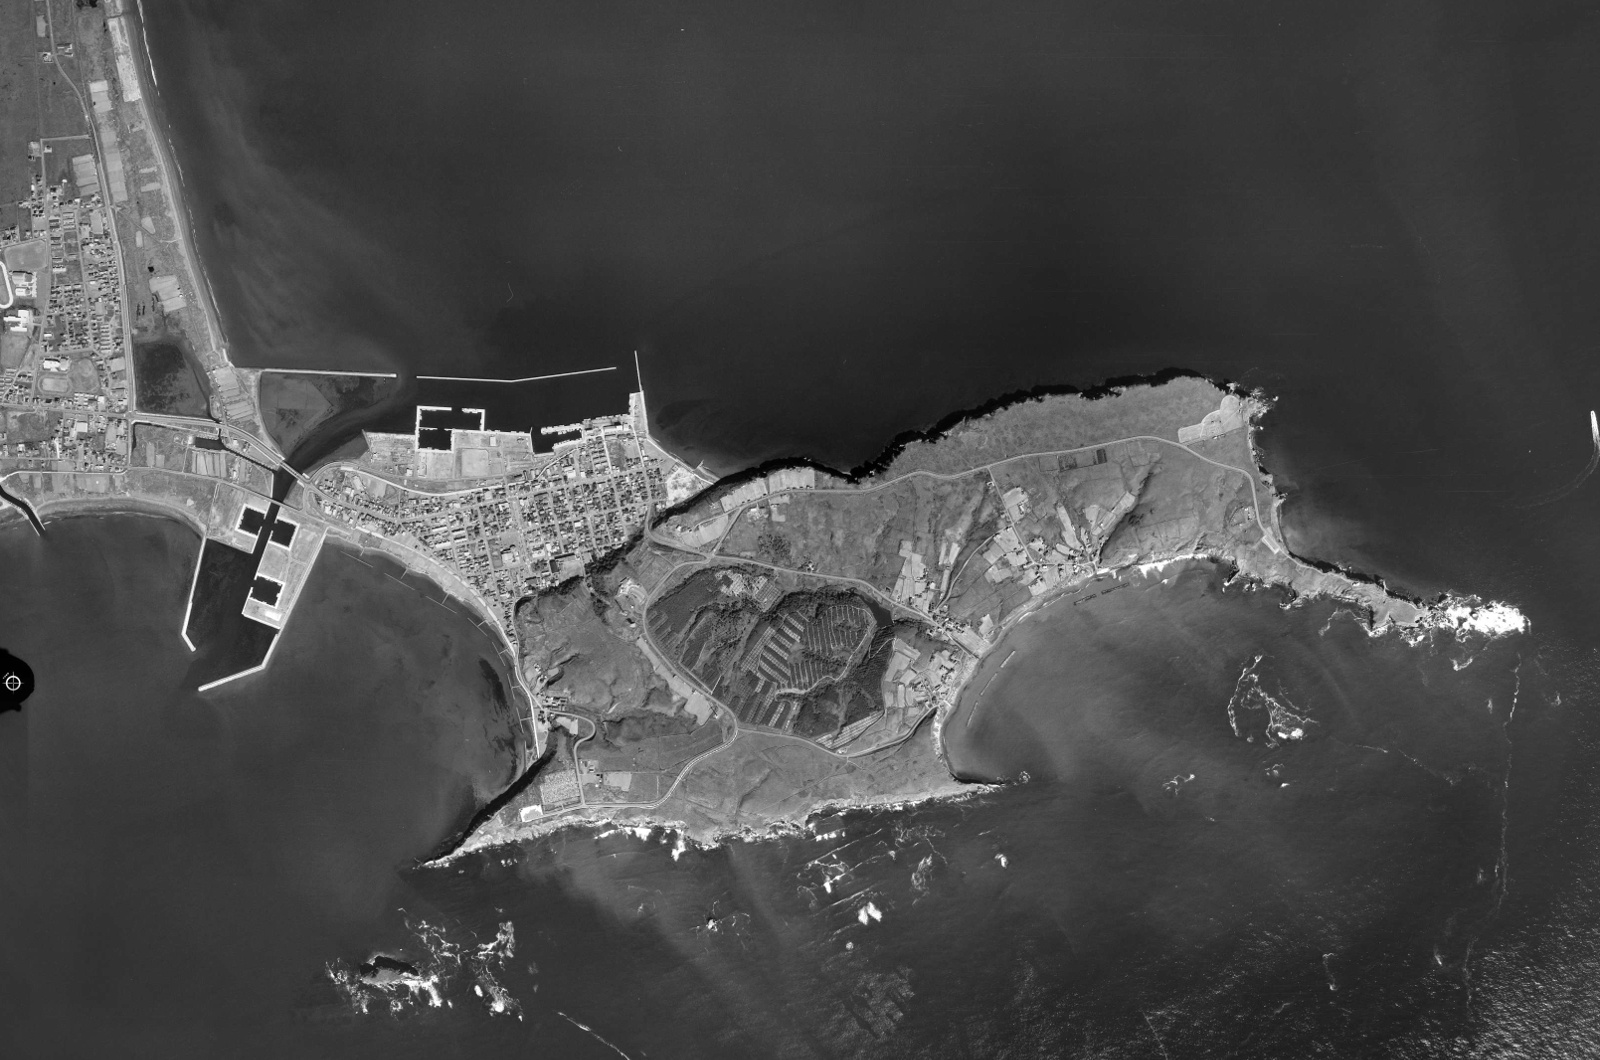 浜中町の霧多布(湯沸)は島なの?半島なの?どちらが正解なの?